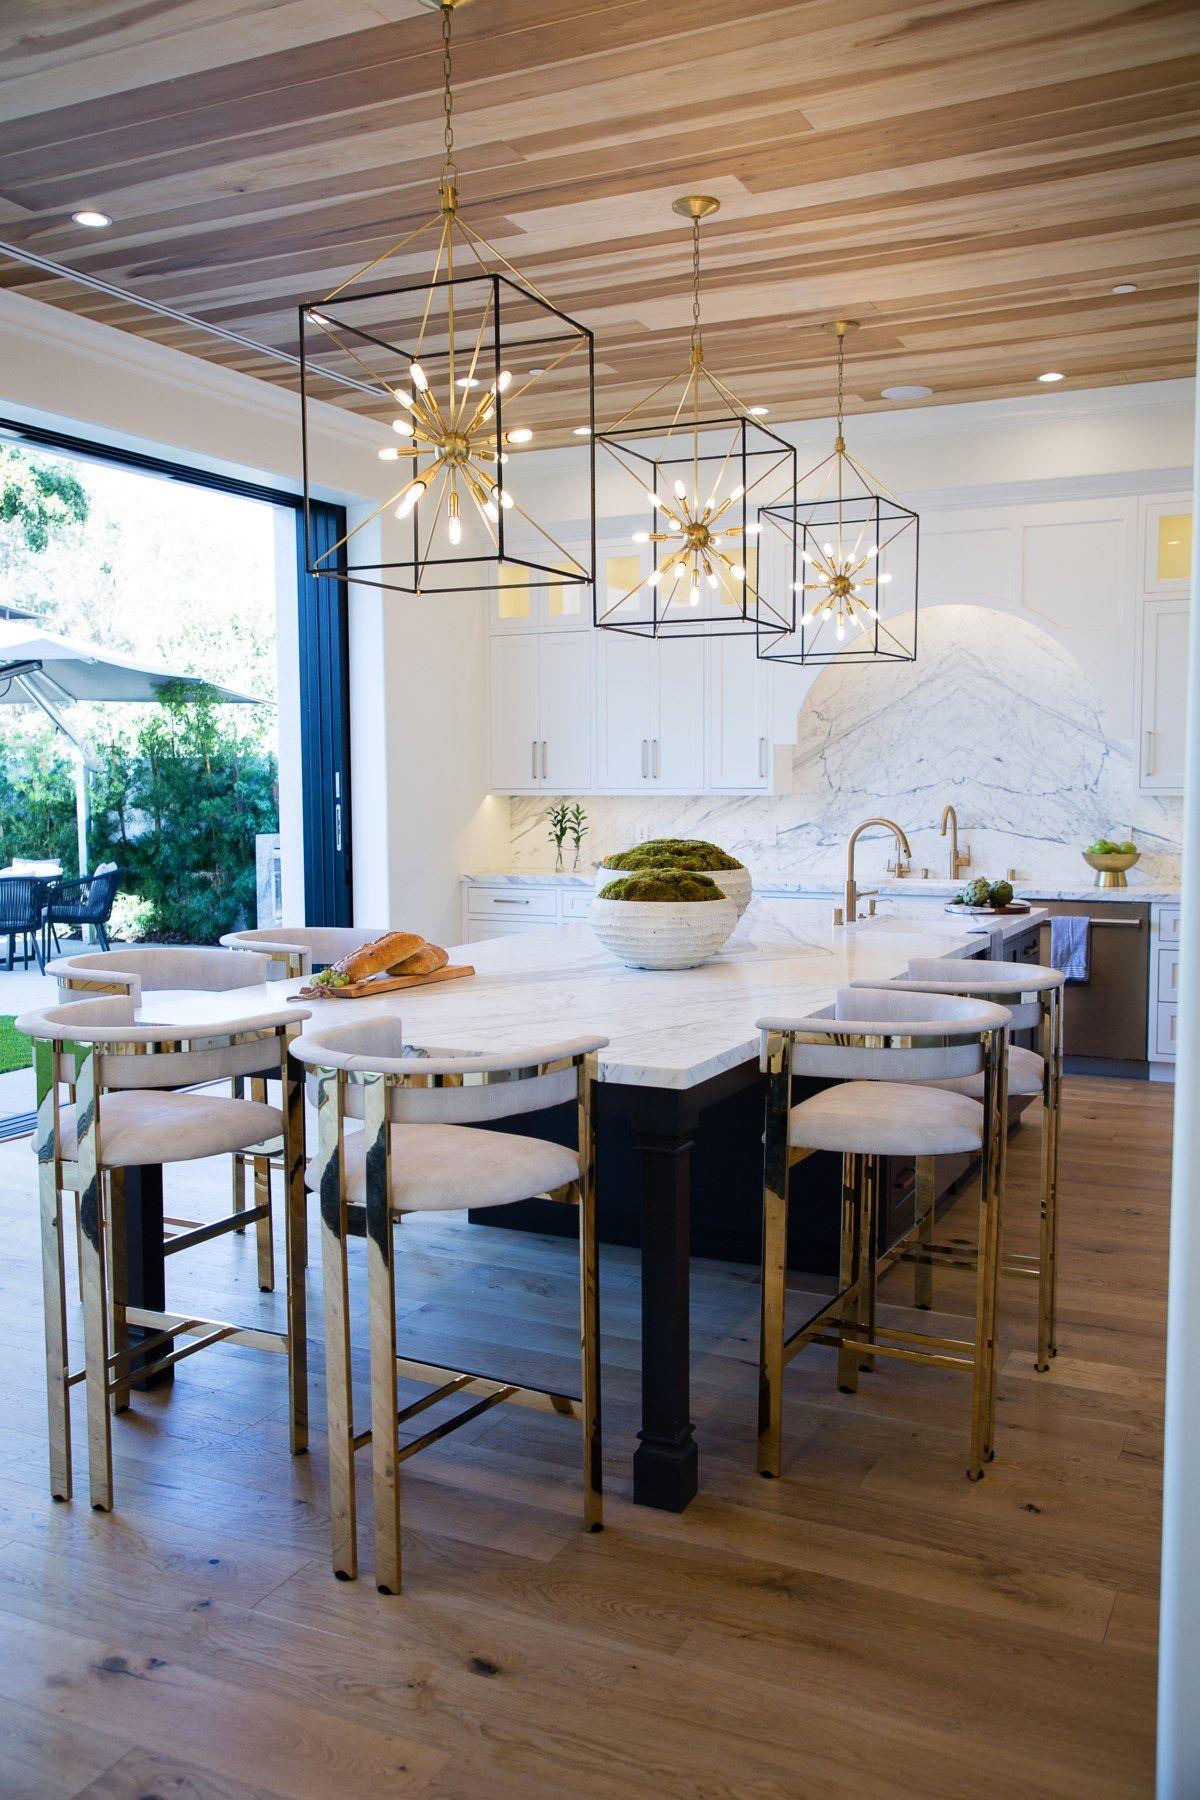 Glendale In 2020 Shabby Chic Kitchen Decor Shabby Chic Kitchen